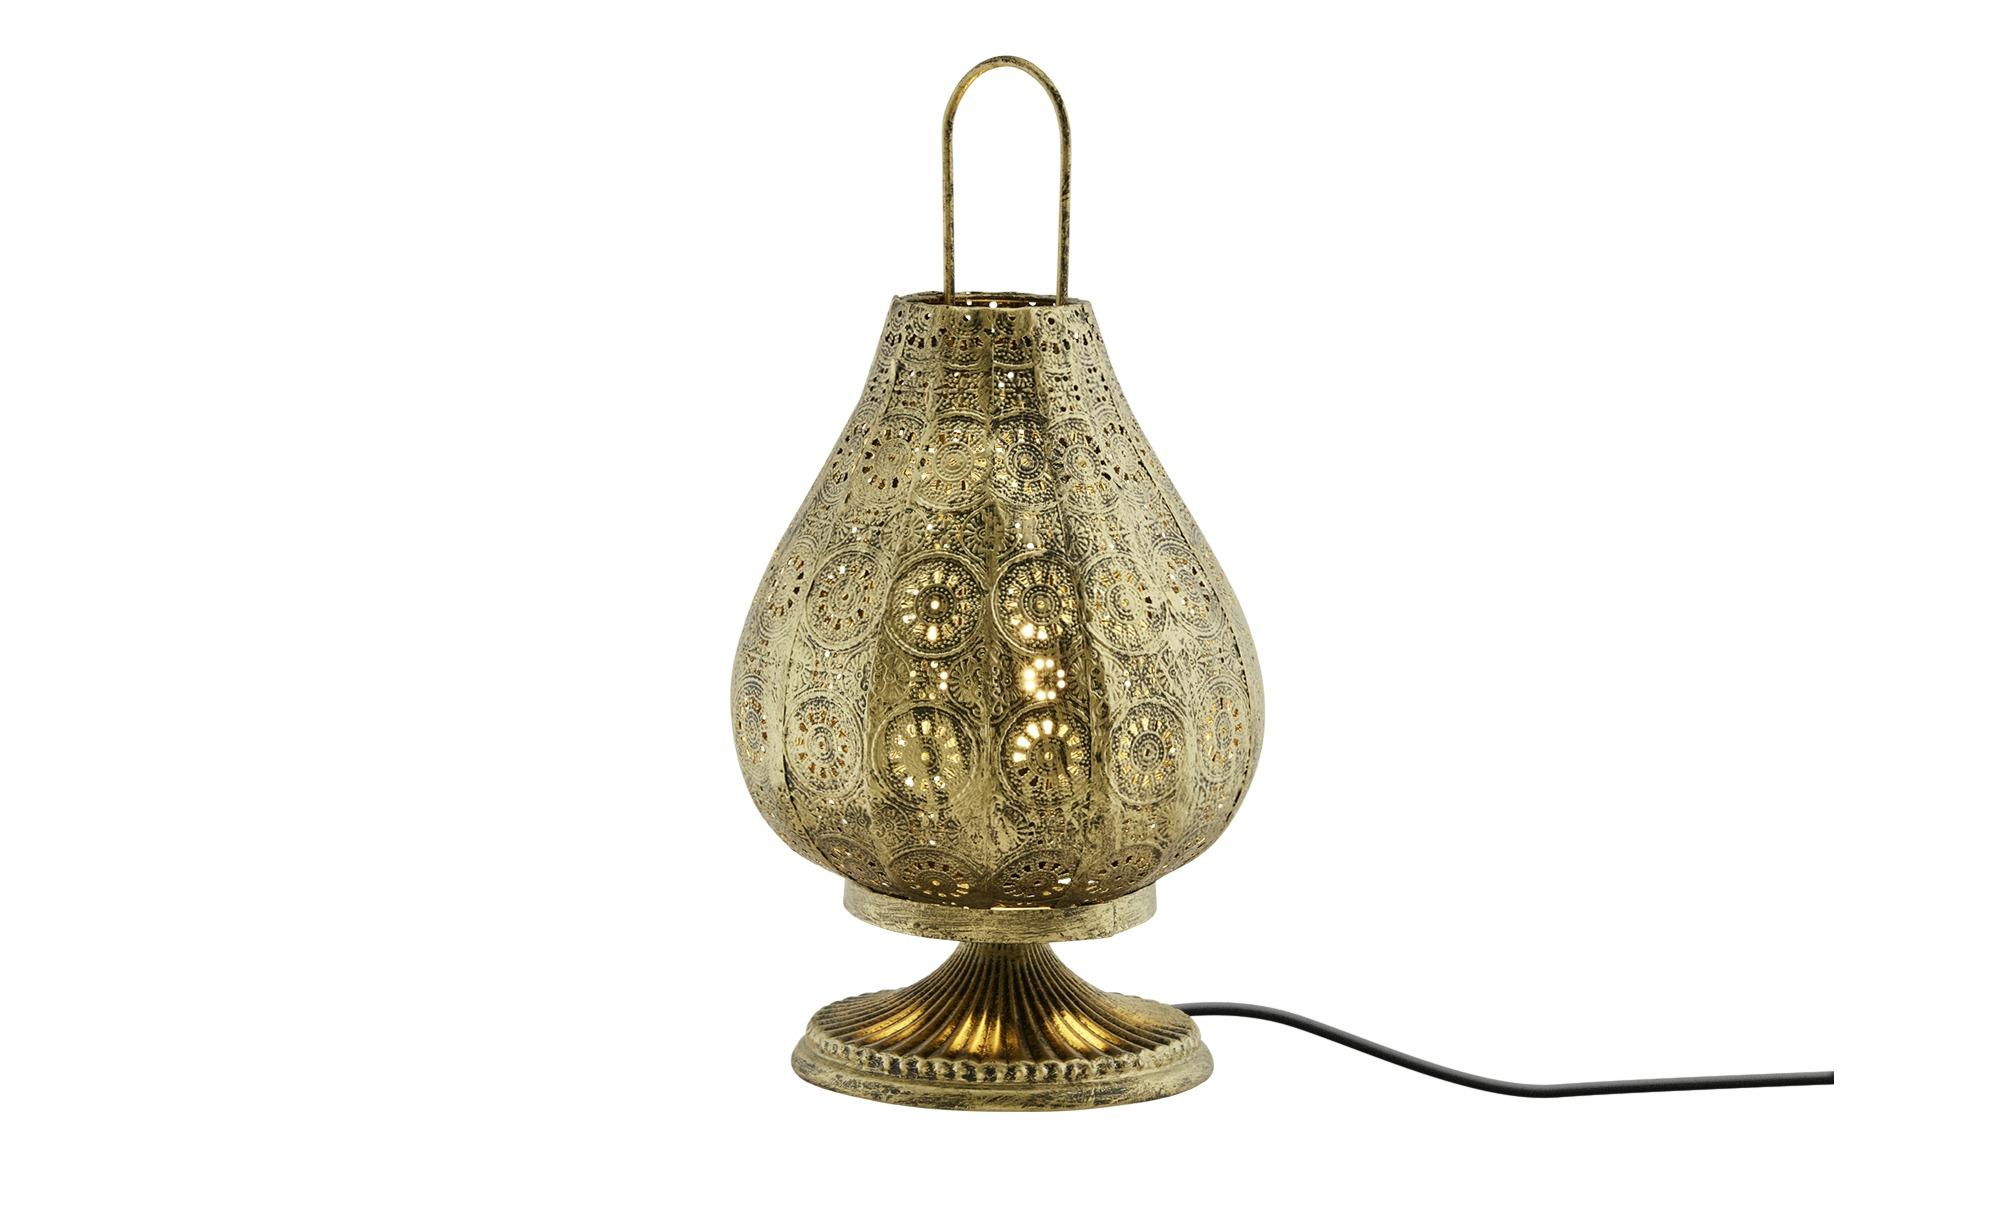 Trio Tischleuchte, 1-flammig ¦ gold ¦ Maße (cm): H: 36 Ø: [18.7] Lampen & Leuchten > Innenleuchten > Tischlampen - Höffner